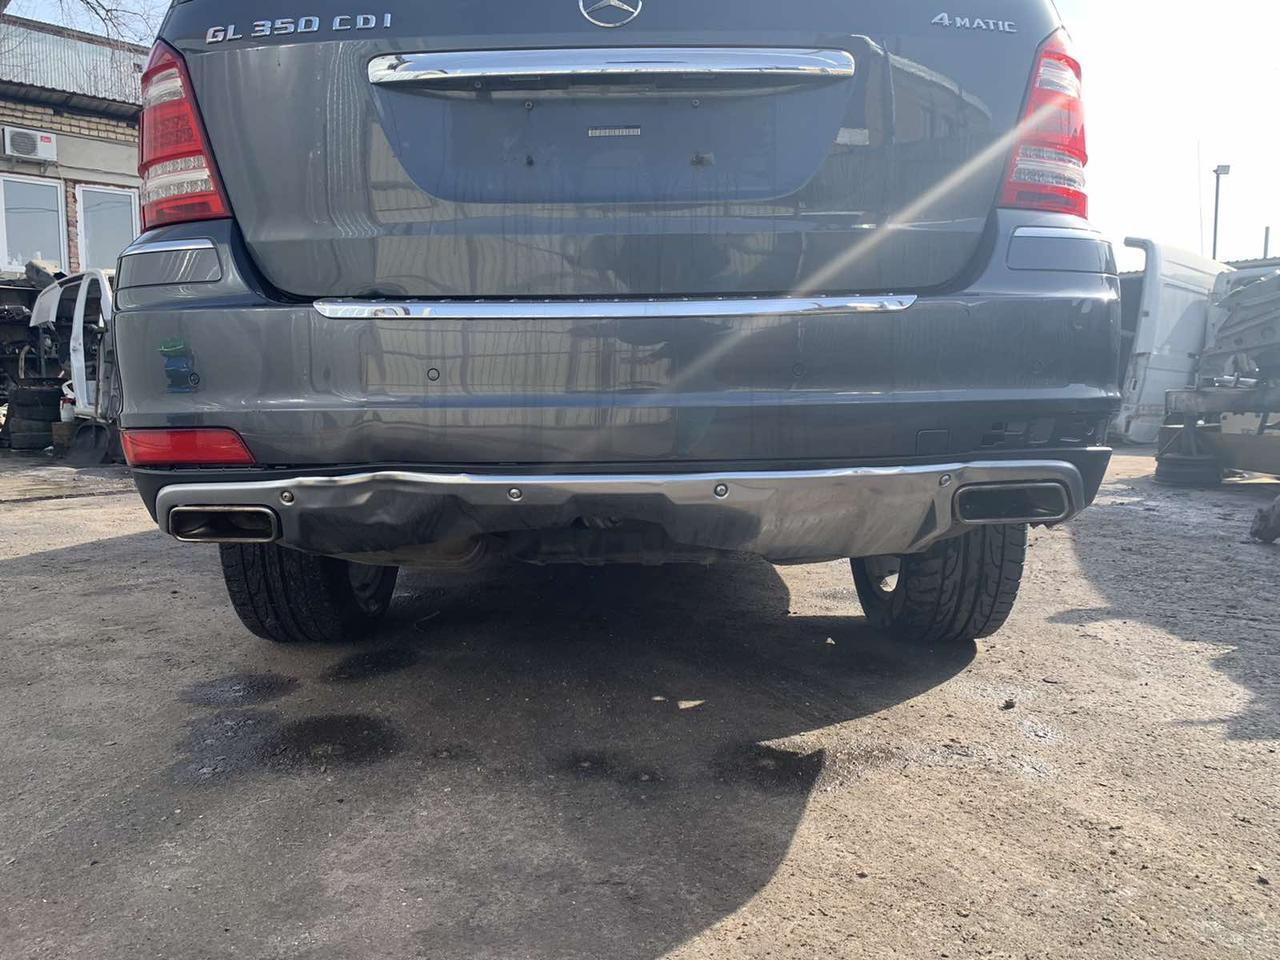 Бампер задній рестайл Mercedes GL X164 задній бампер Мерседес ГЛ 164 2008 2009 2010 2011 2012